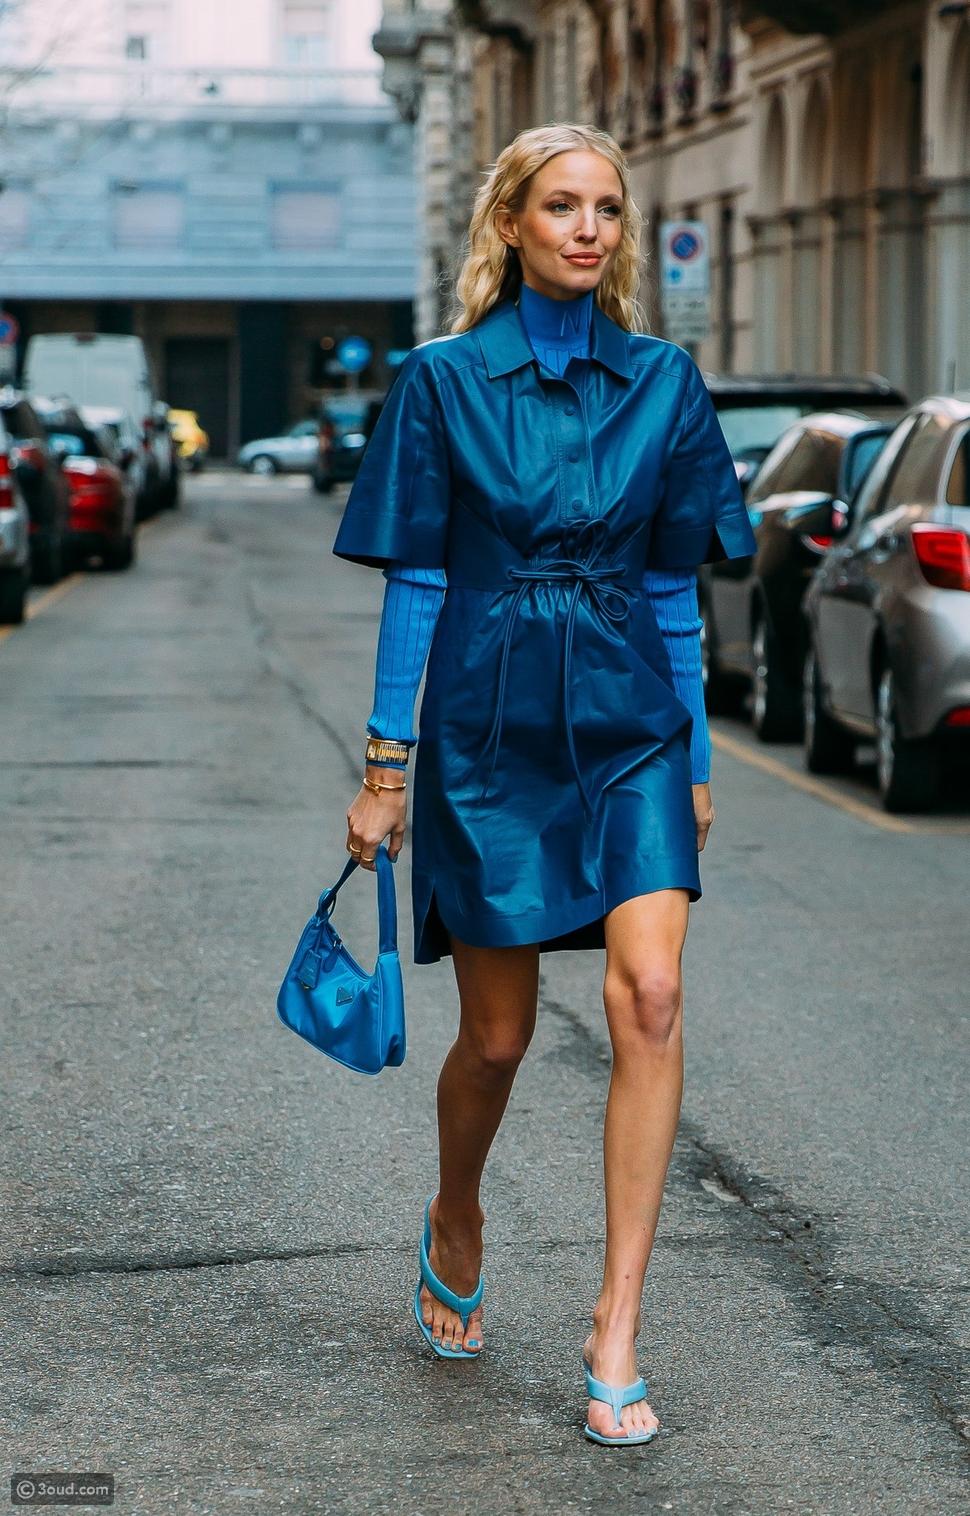 ملابس زرقاء اللون